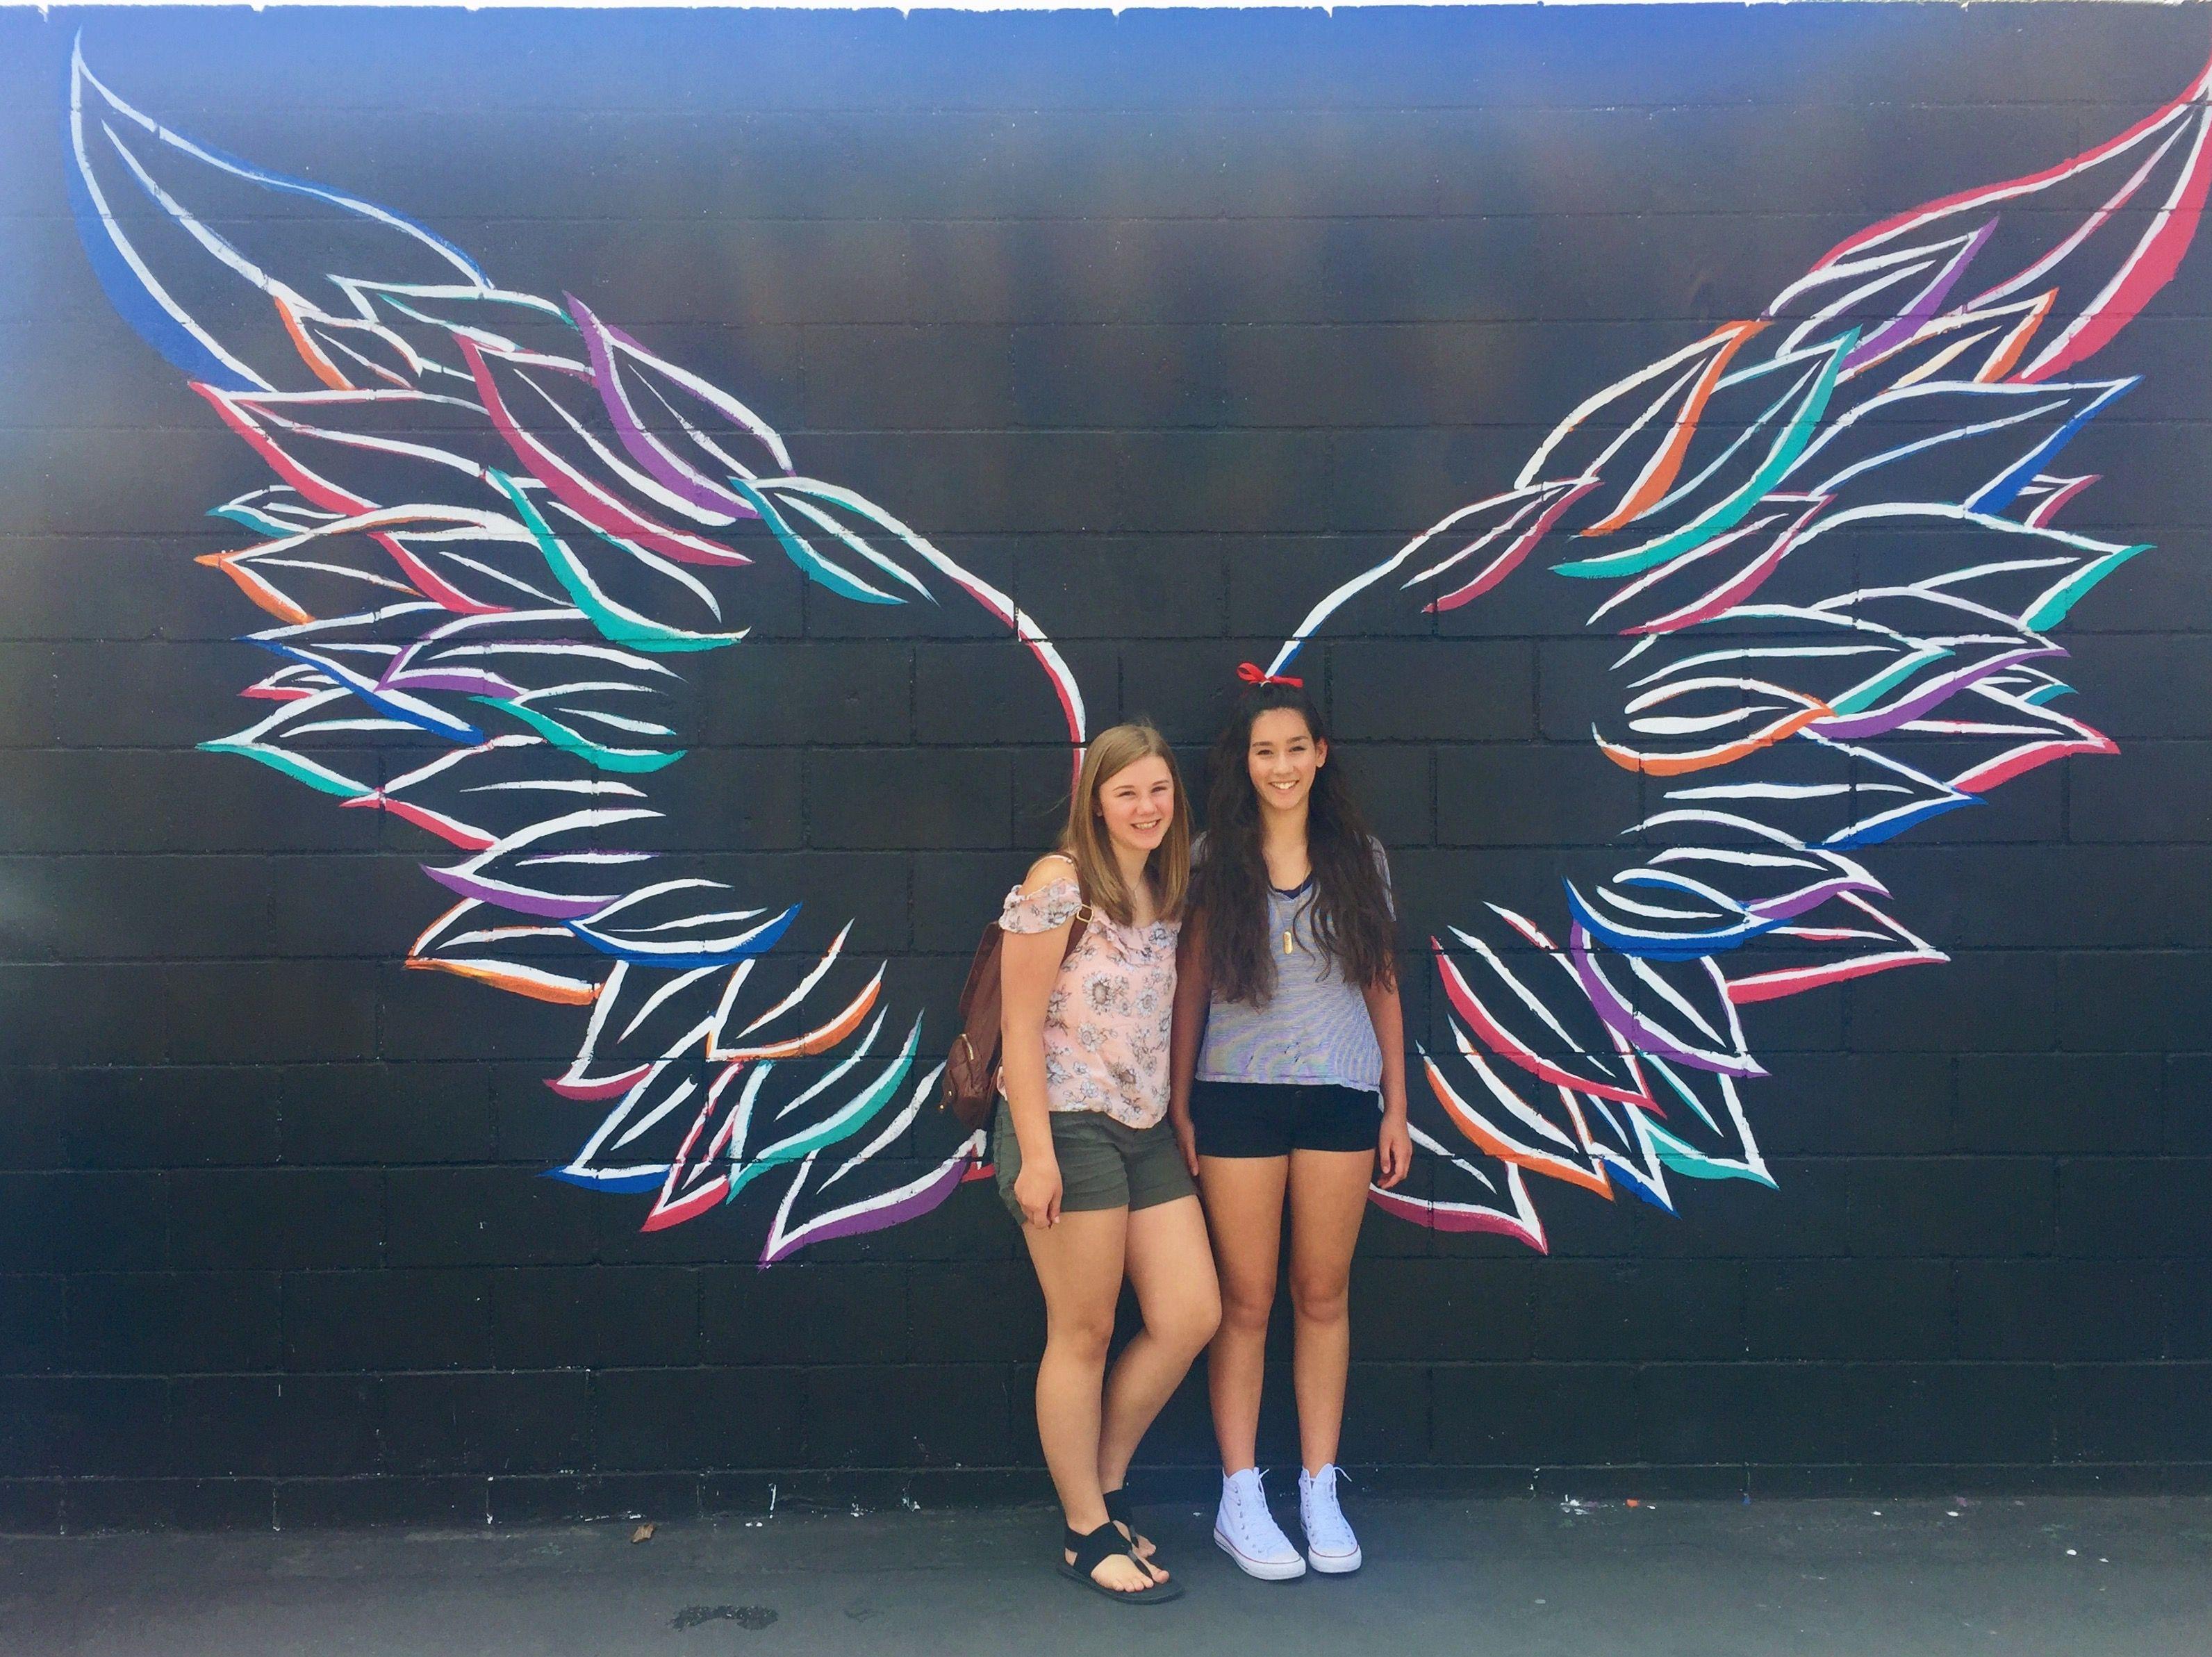 Pin by alessandra on BESTIE GOALSS Angel wall art